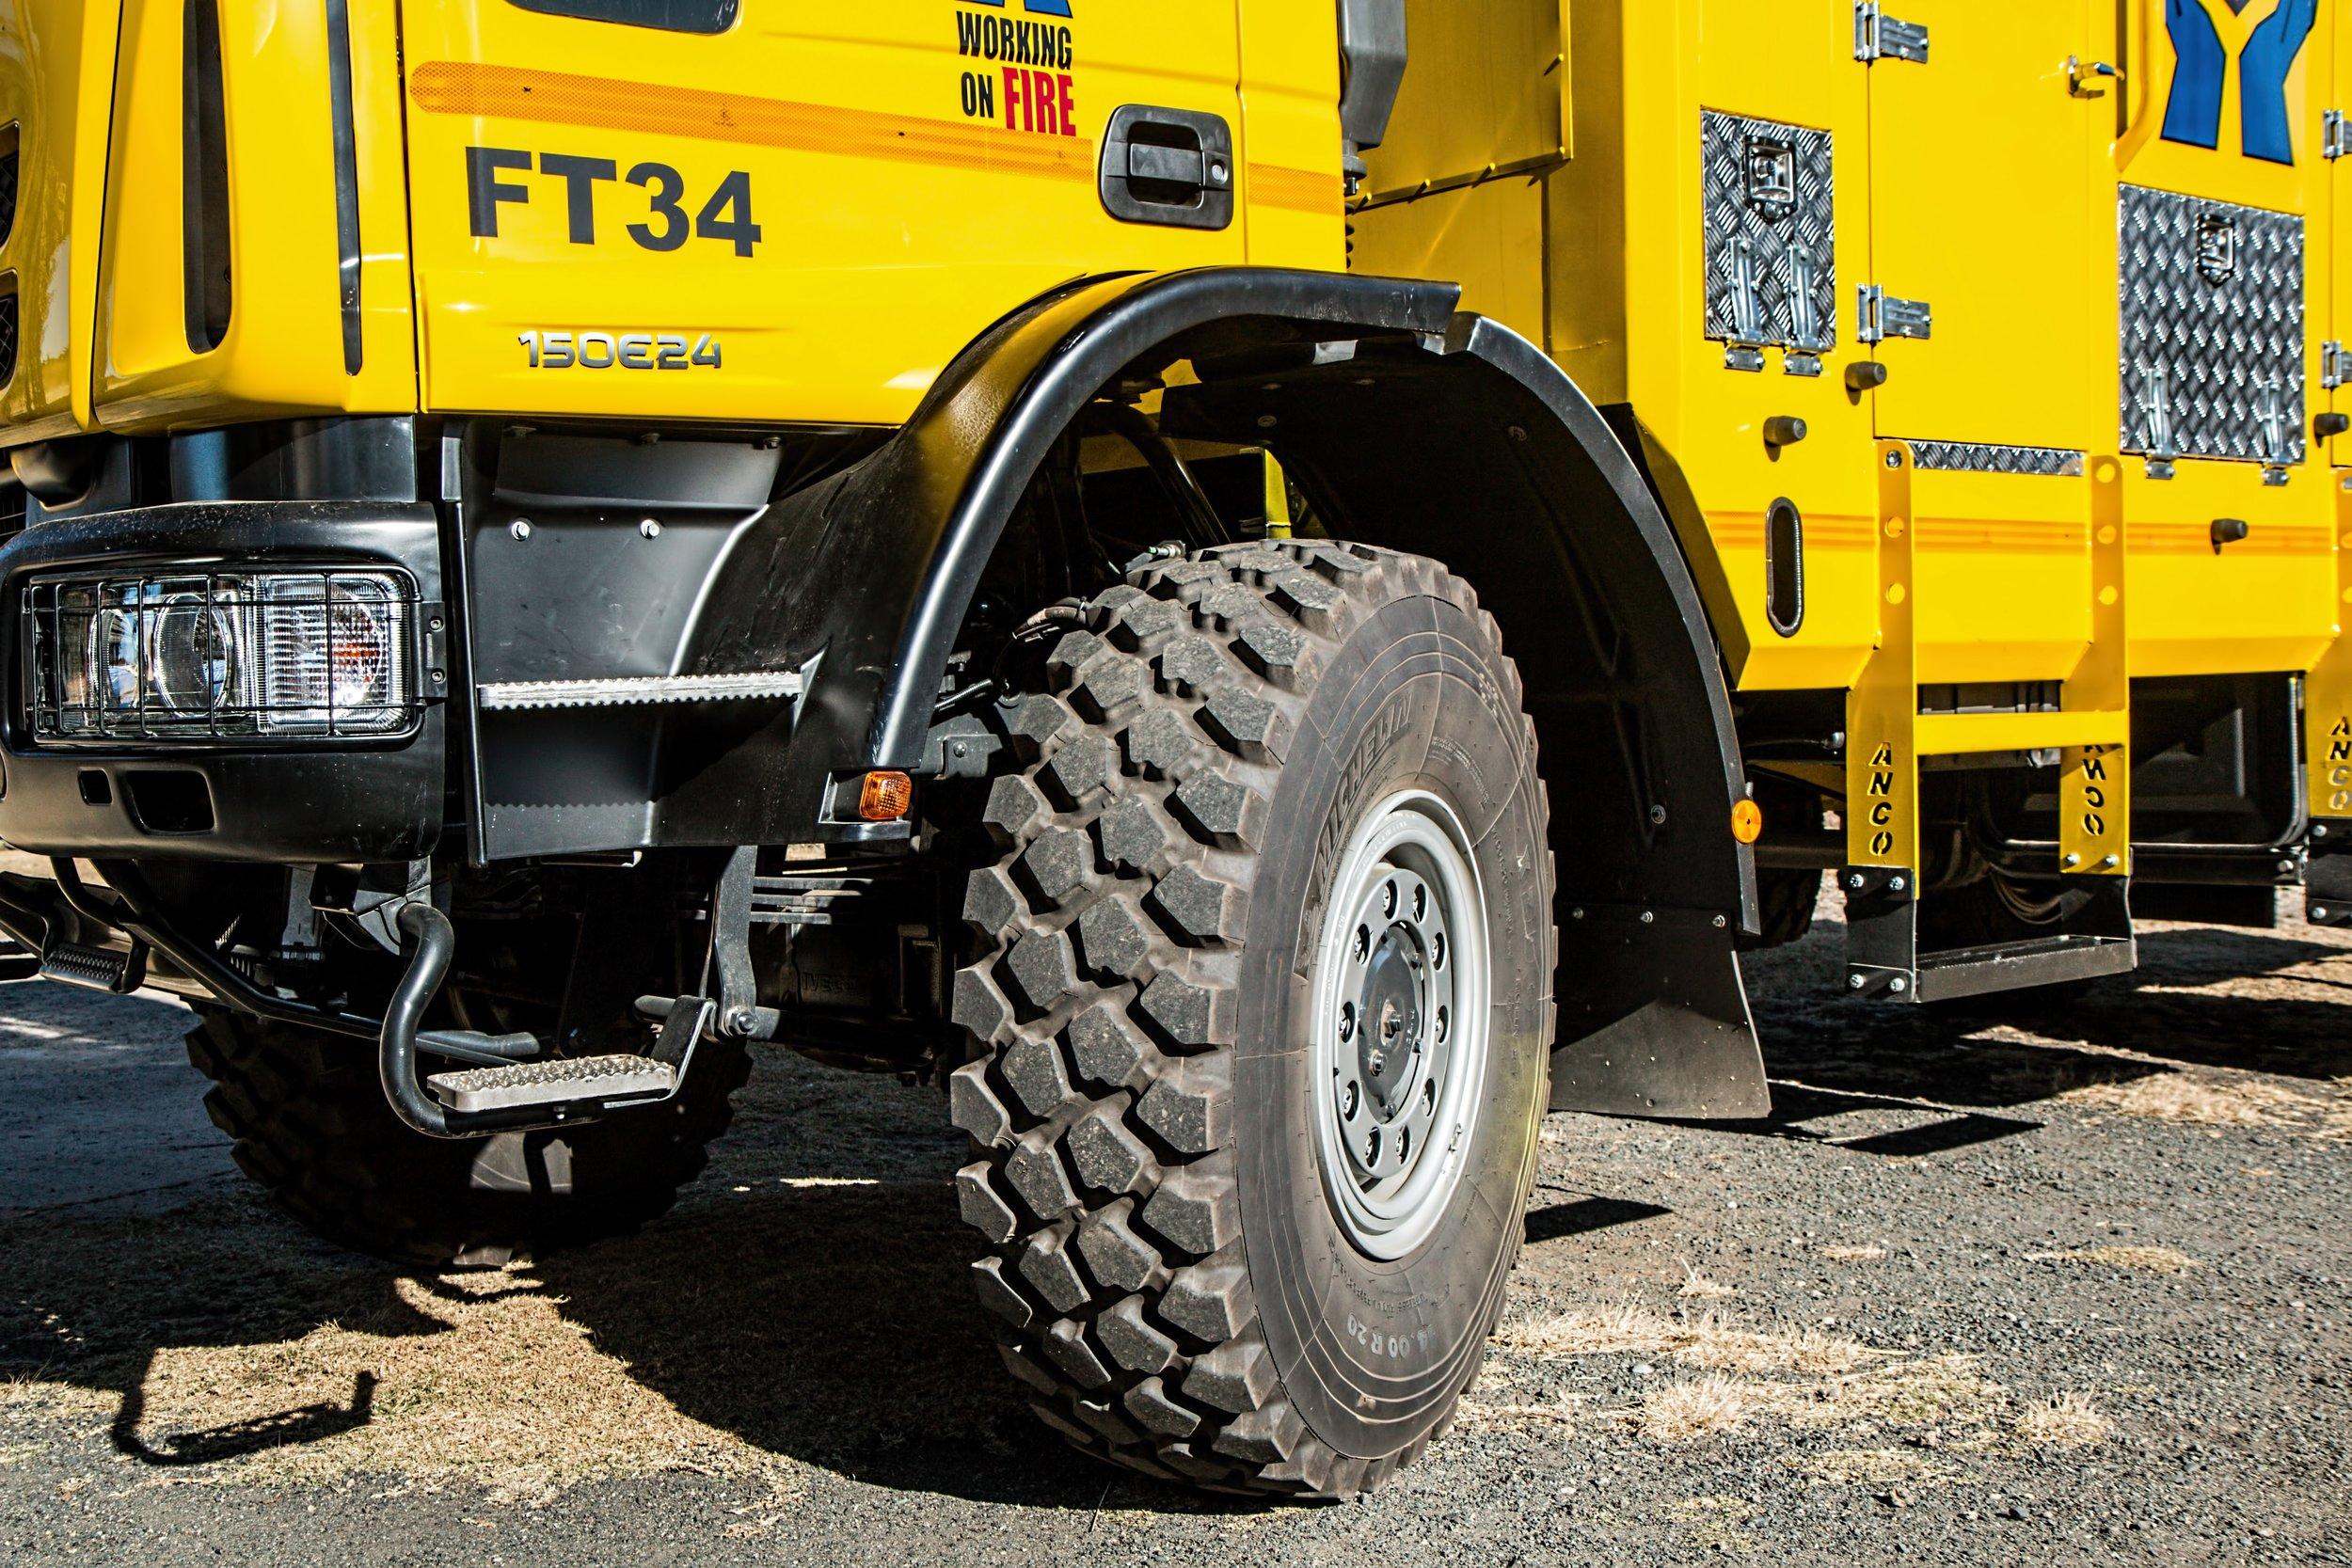 truck_fire_tender_firetruck.jpg